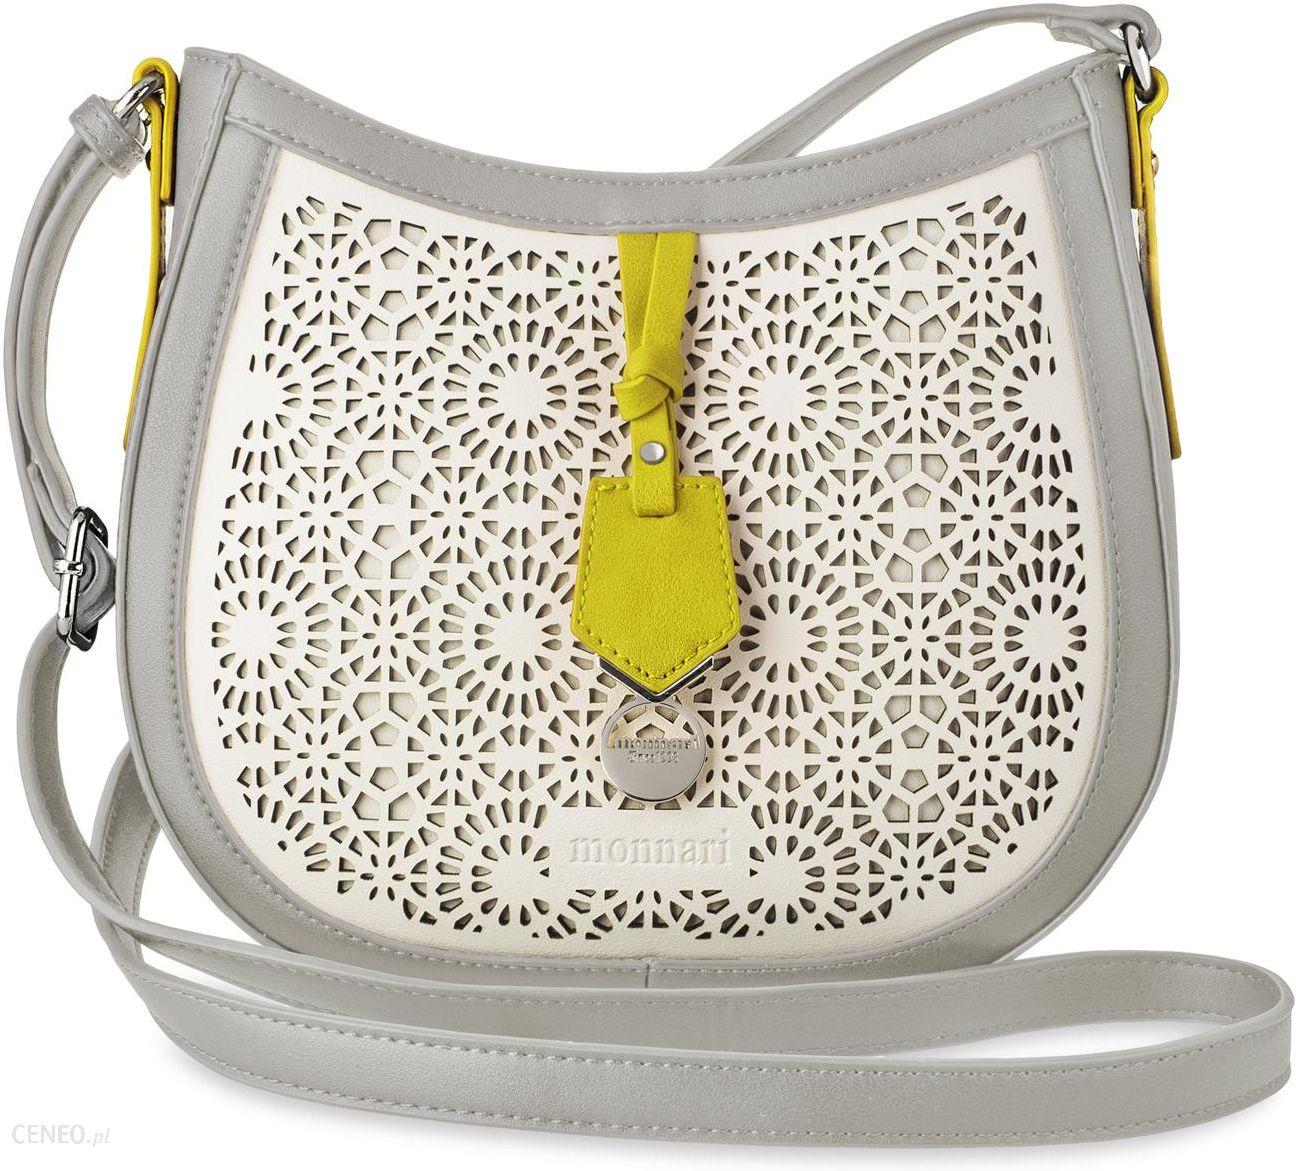 6902897ed767b Ażurowa listonoszka raportówka monnari oryginalna torebka damska z  kolorowymi wstawkami - szaro-biało-żółty